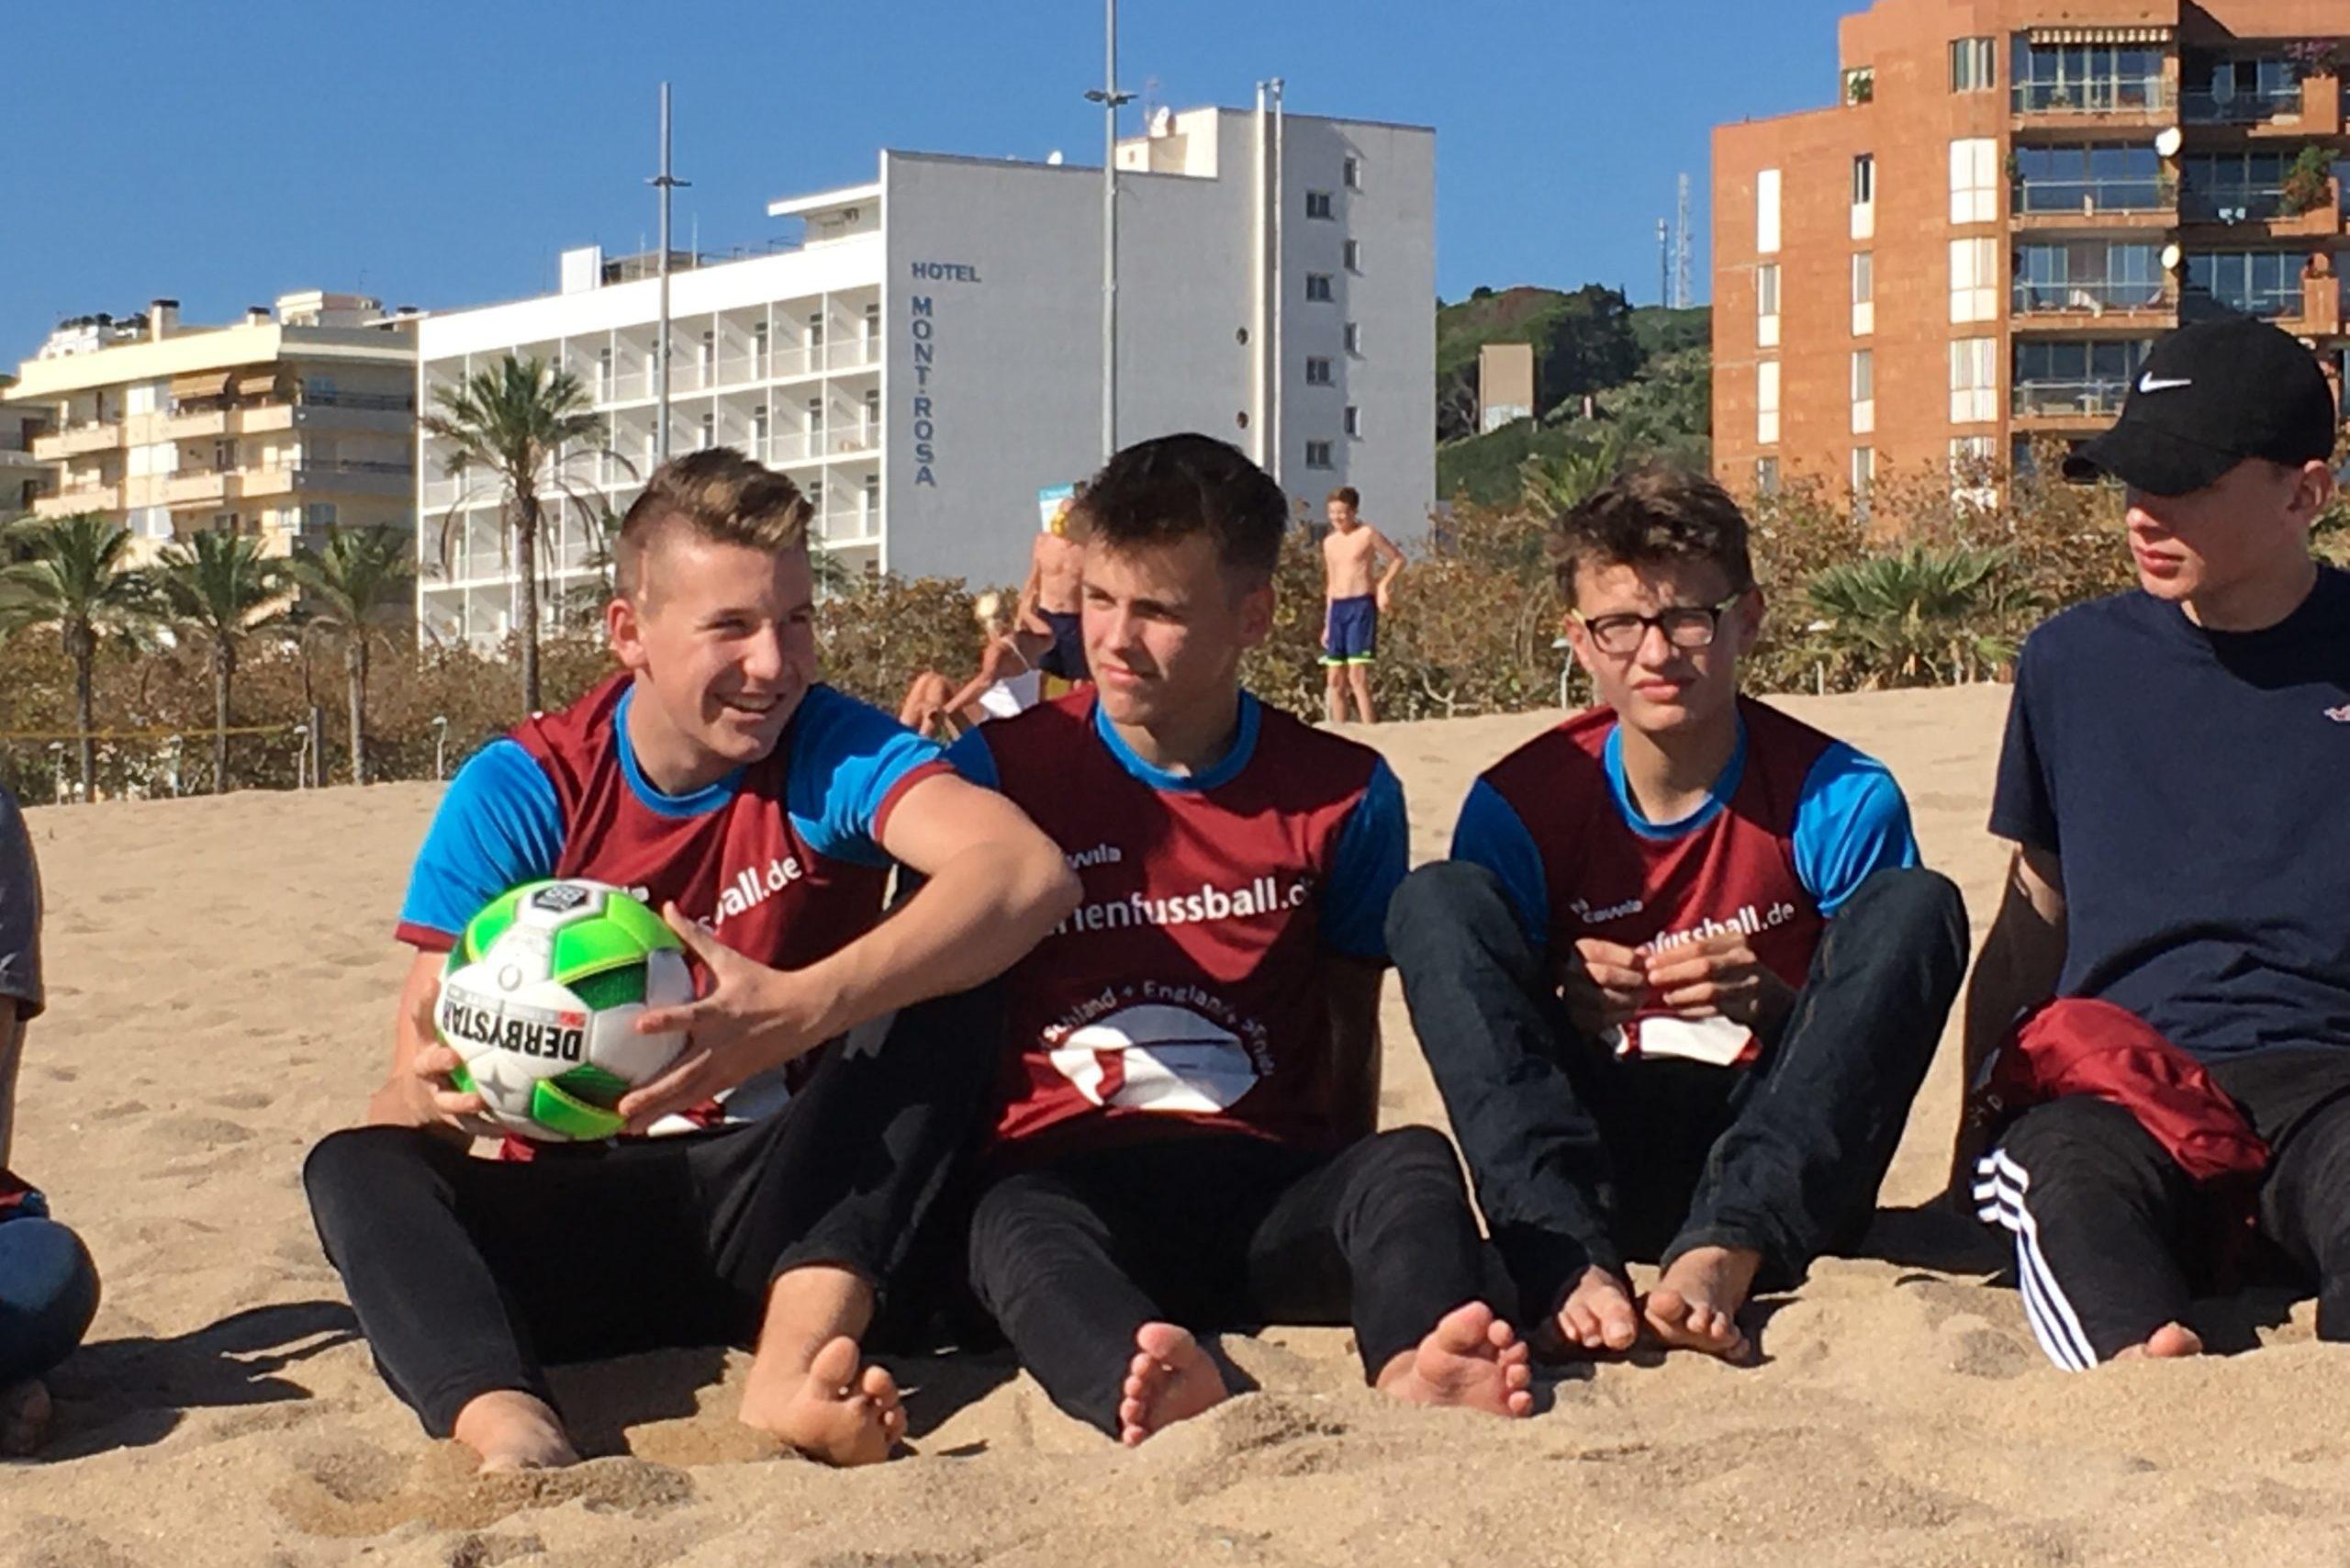 Jungen sitzen mit Ball am Strand